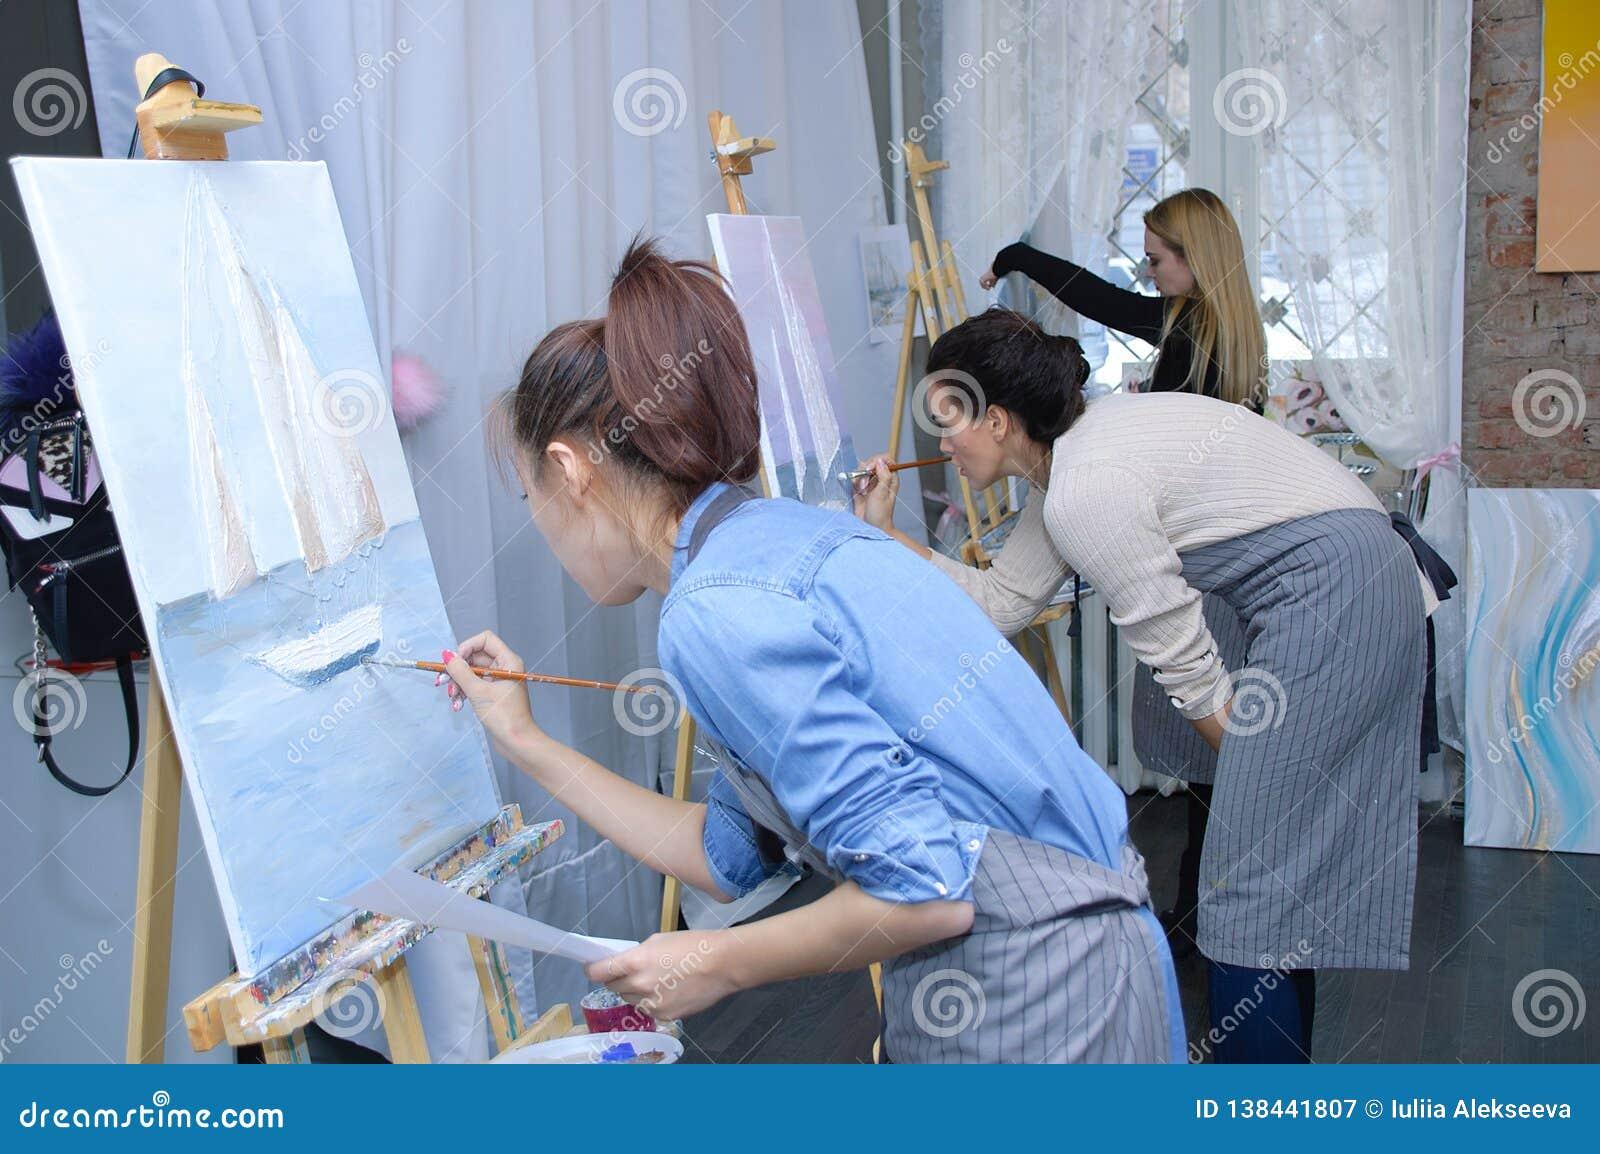 Novosibirsk 02-24-2018 Ocupação na oficina da arte As meninas pintam imagens com pintura acrílica na lona